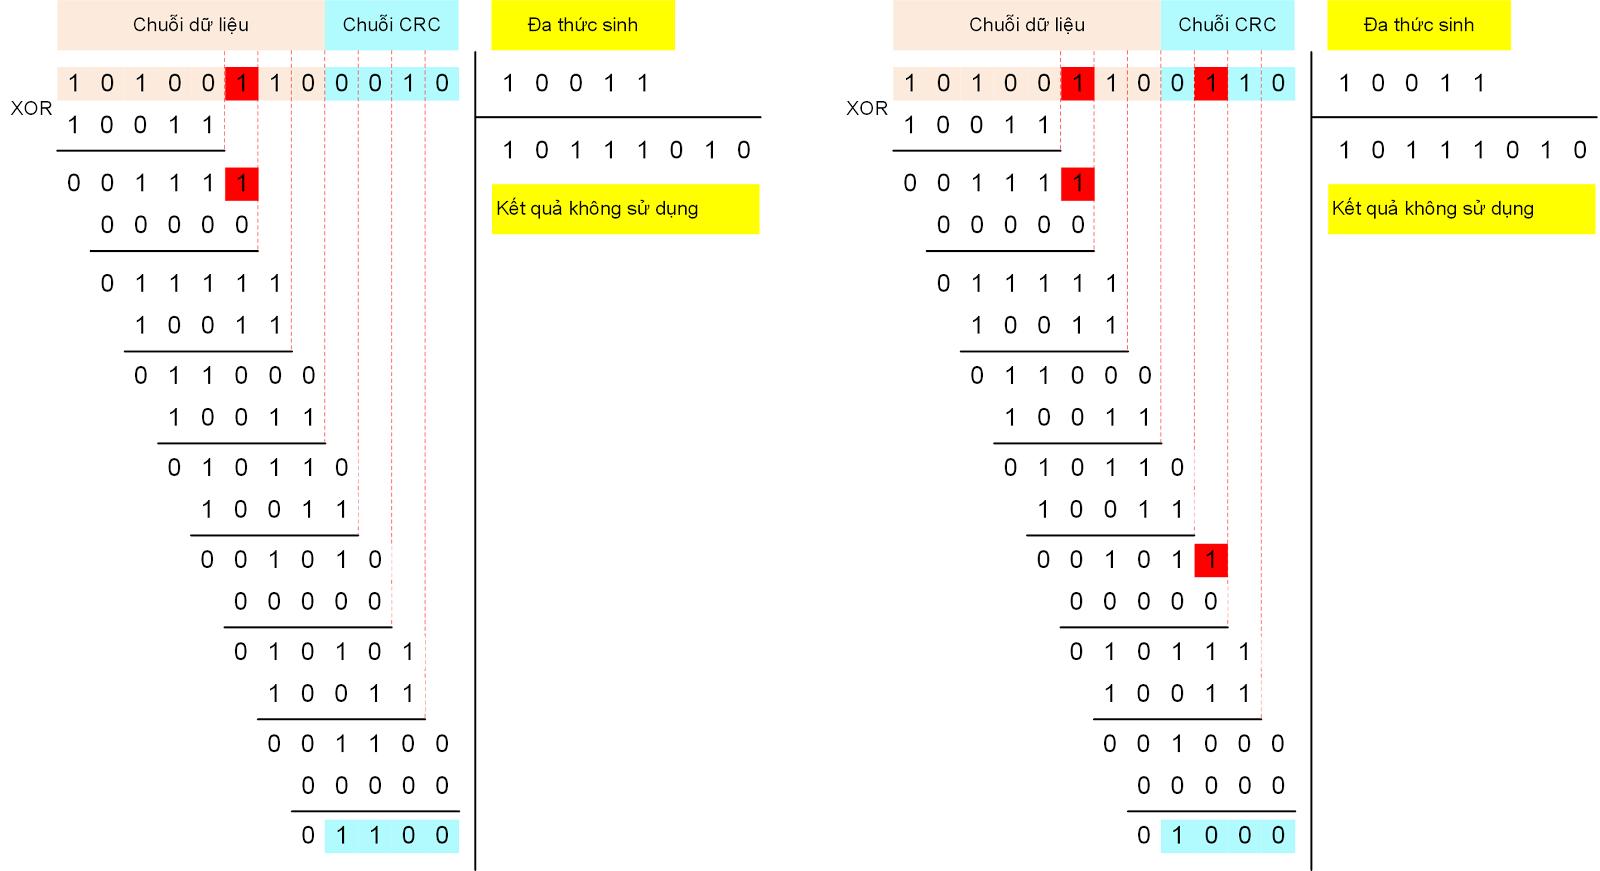 Bài học - Lý thuyết về CRC và mạch tính CRC nối tiếp | Vi mạch